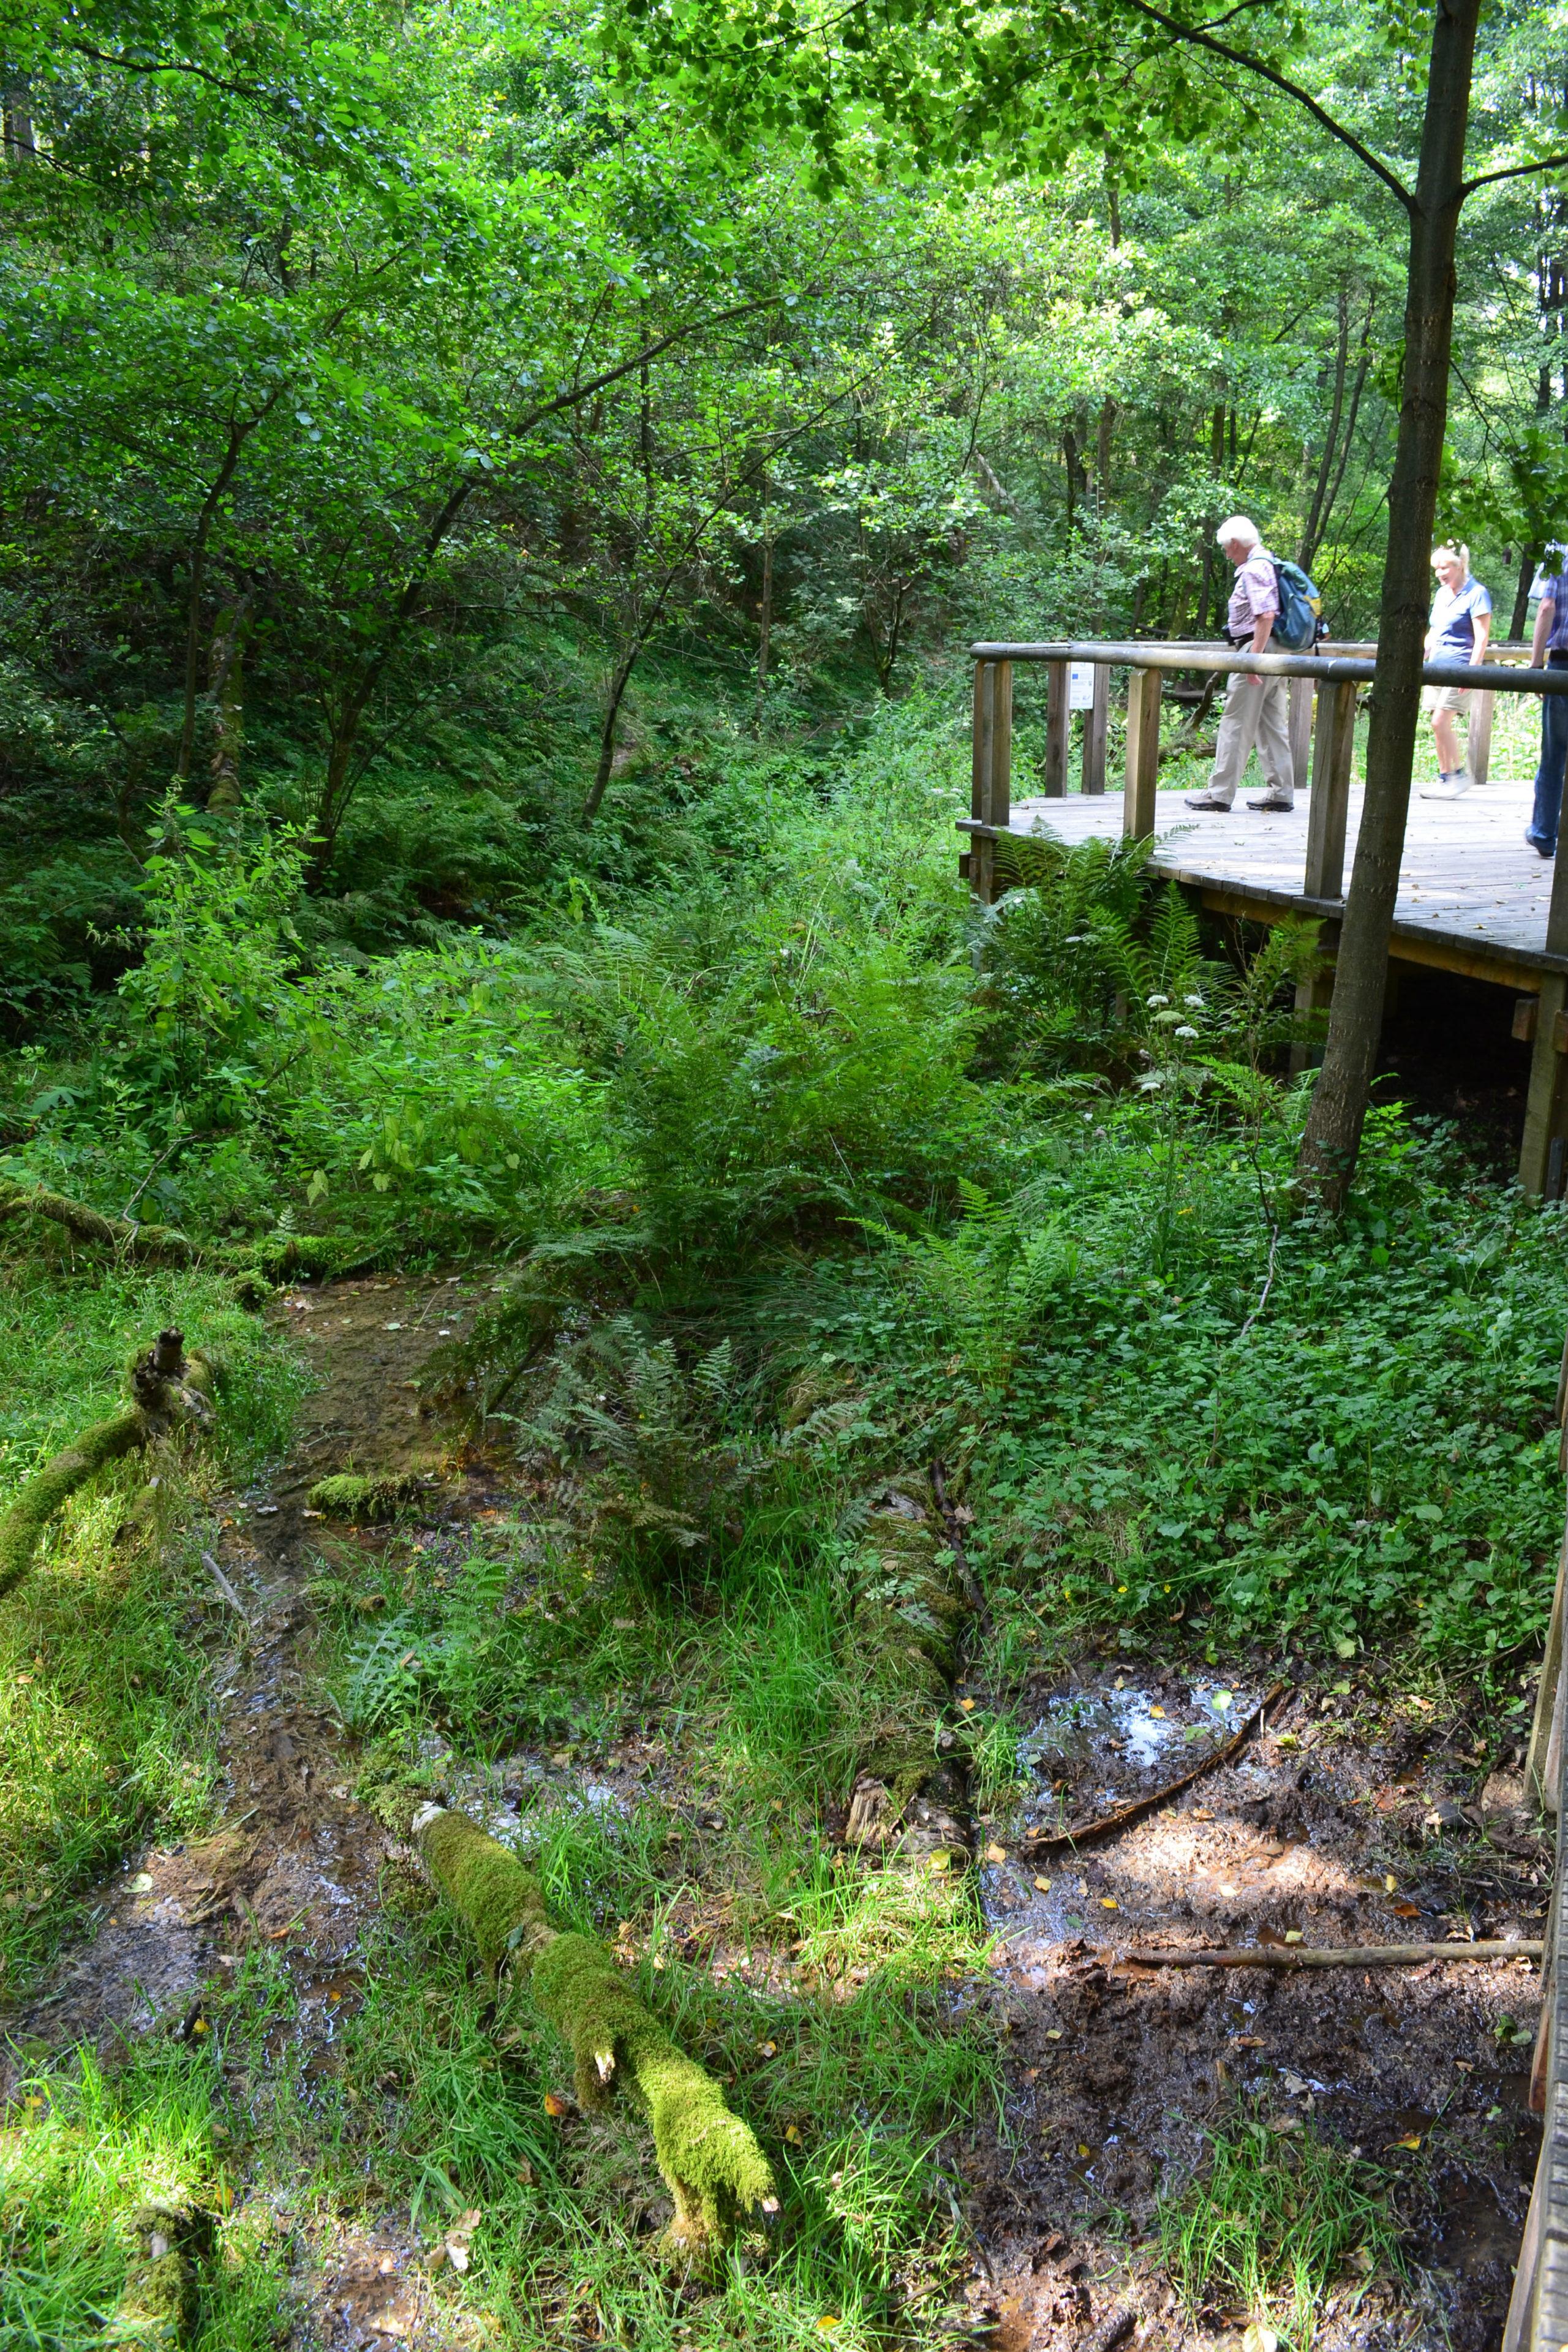 Auf dem Urlaubsprogramm sollte unbedingt ein Ausflug zur Emsquelle im Naturschutzgebiet Moosheide stehen.